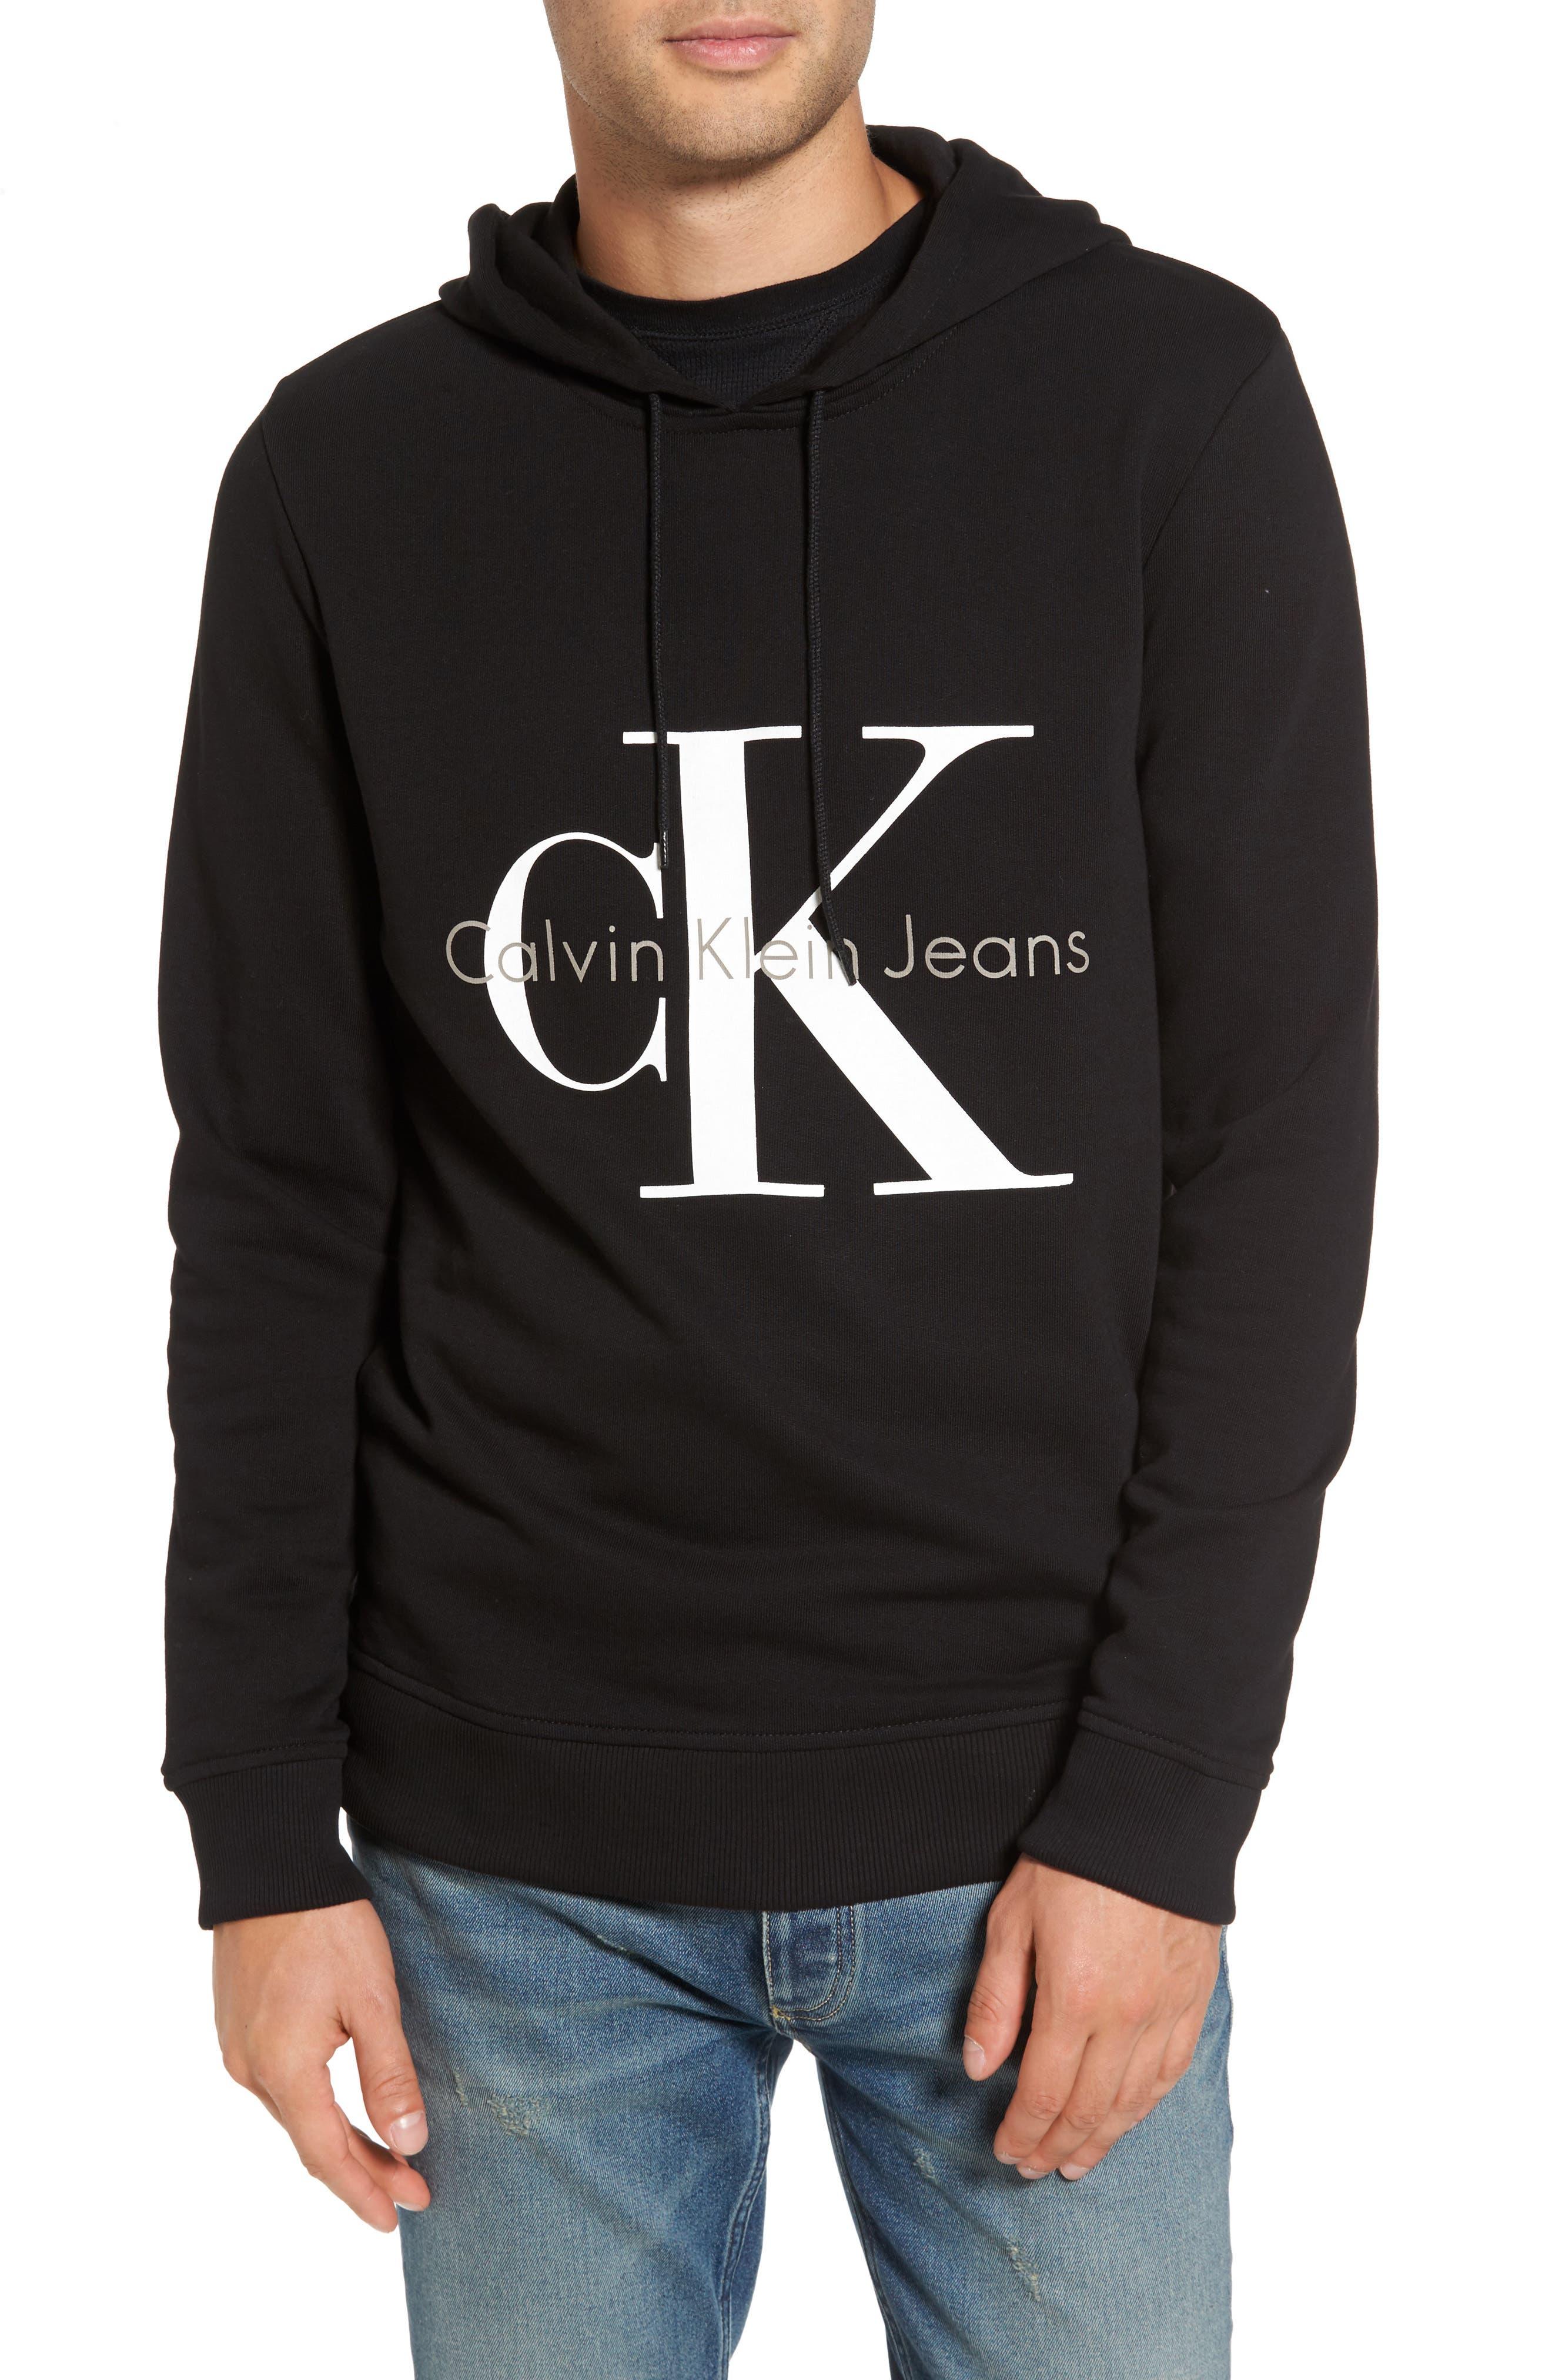 Calvin Klein Jeans Reissue Hoodie